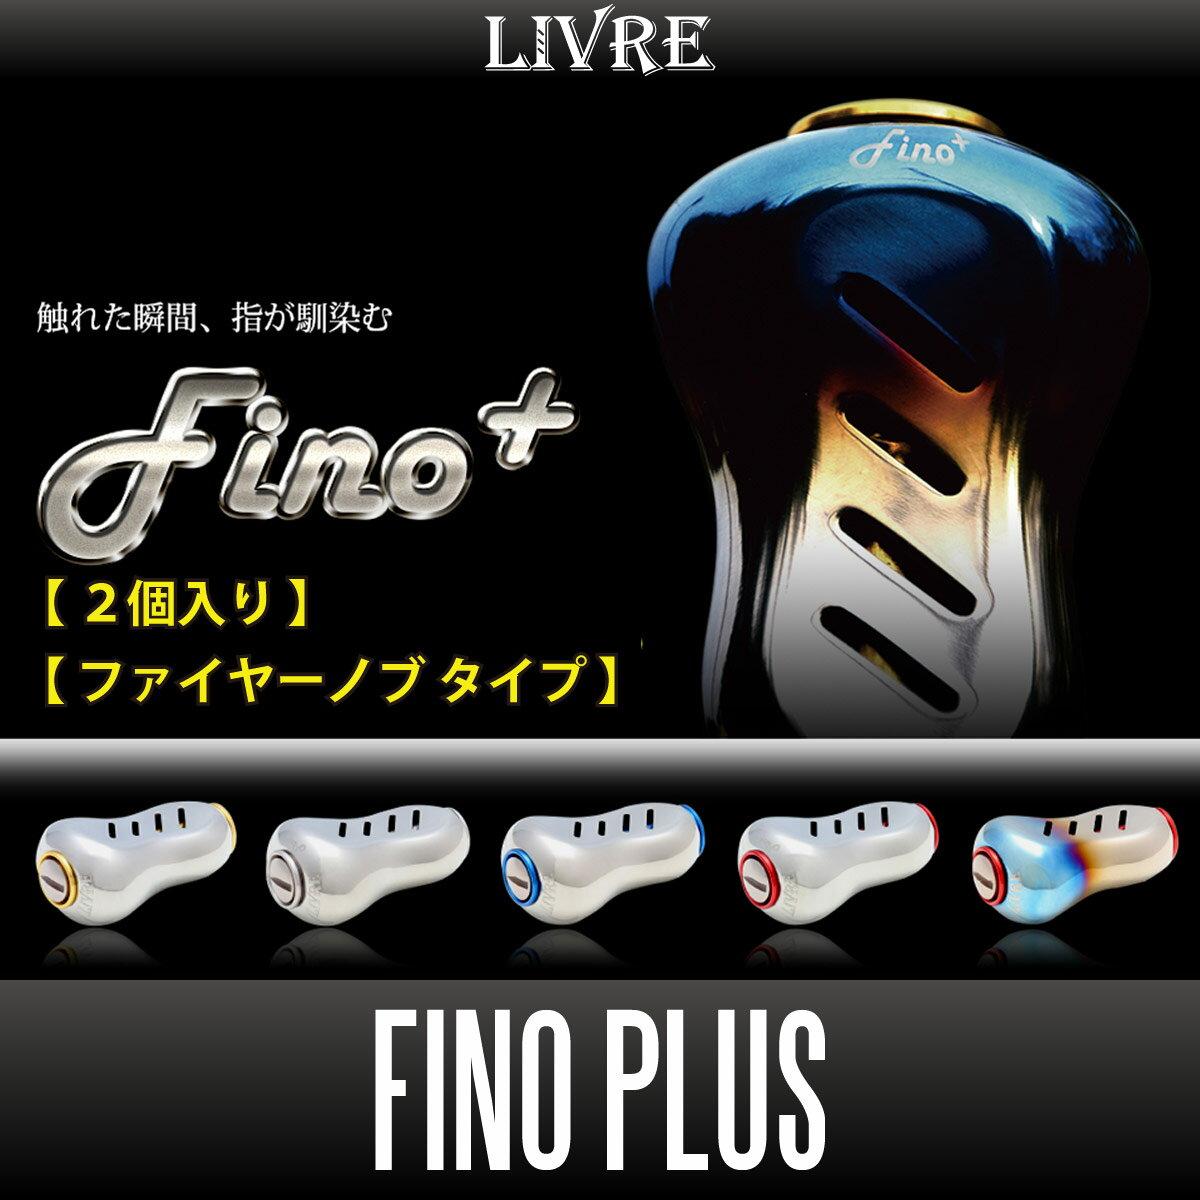 【リブレ/LIVRE】 Fino+(フィーノプラス) チタニウム ハンドルノブ 【イージーカスタム特注品:2個入り】 HKAL ※送料無料※